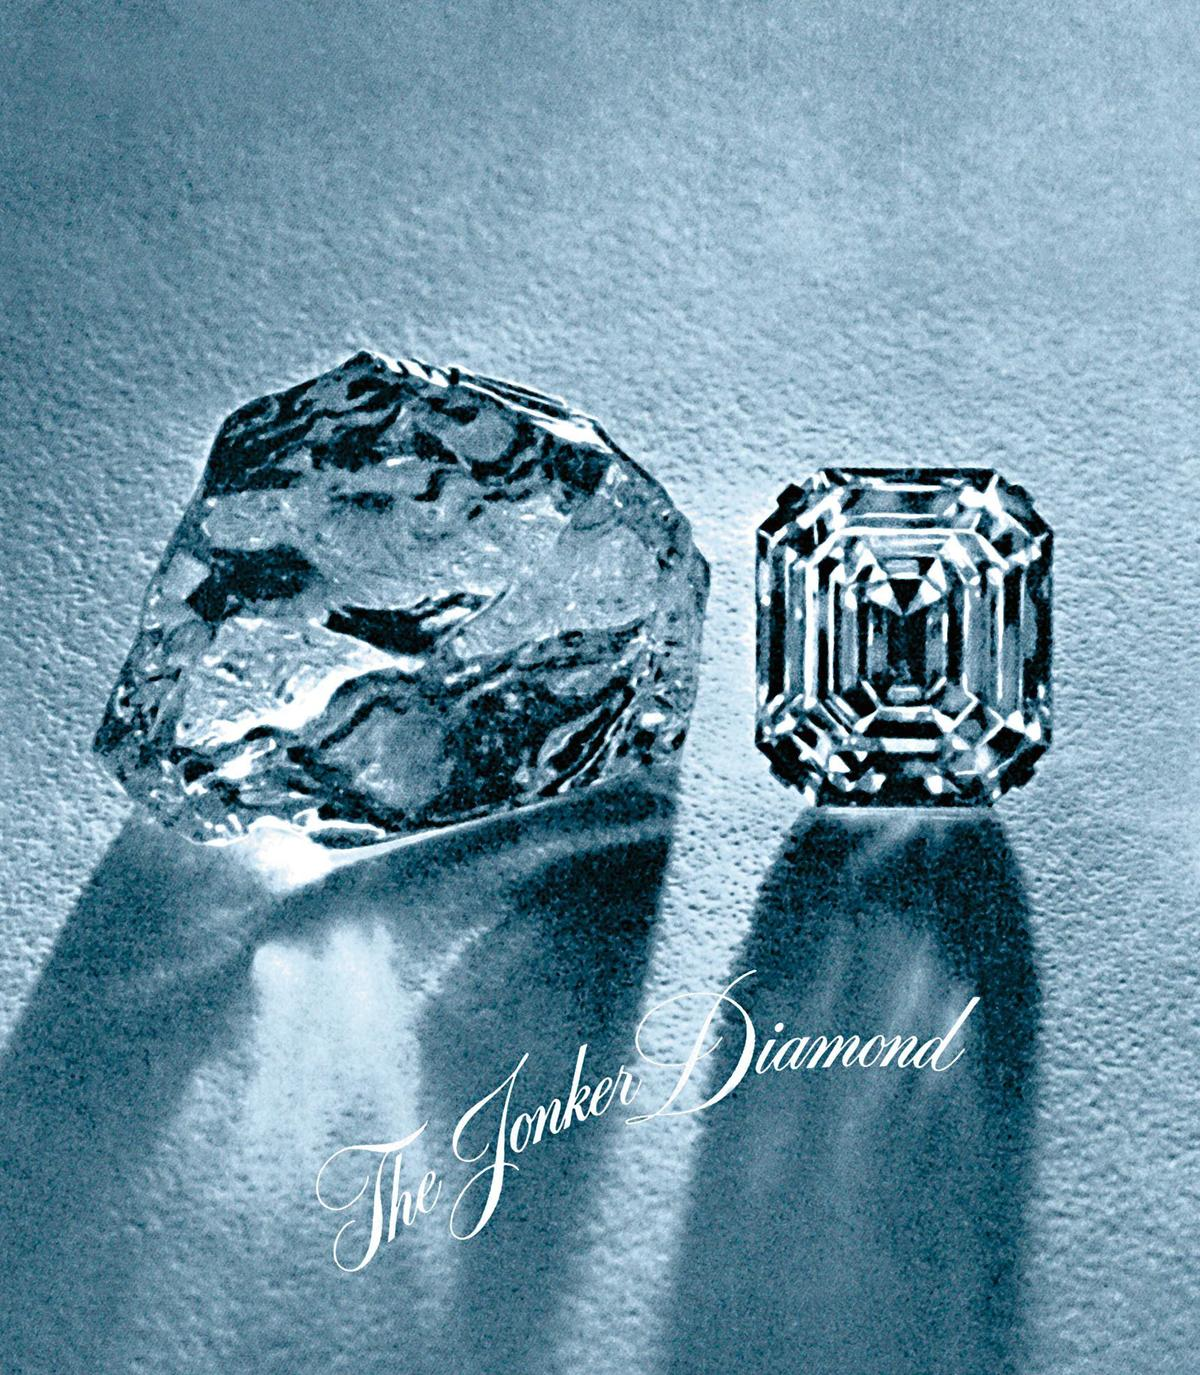 總重726克拉的瓊格爾之鑽原石,是Harry Winston擁有的第一顆重要原石,更是第一顆在美國切割的主要鑽石原石。